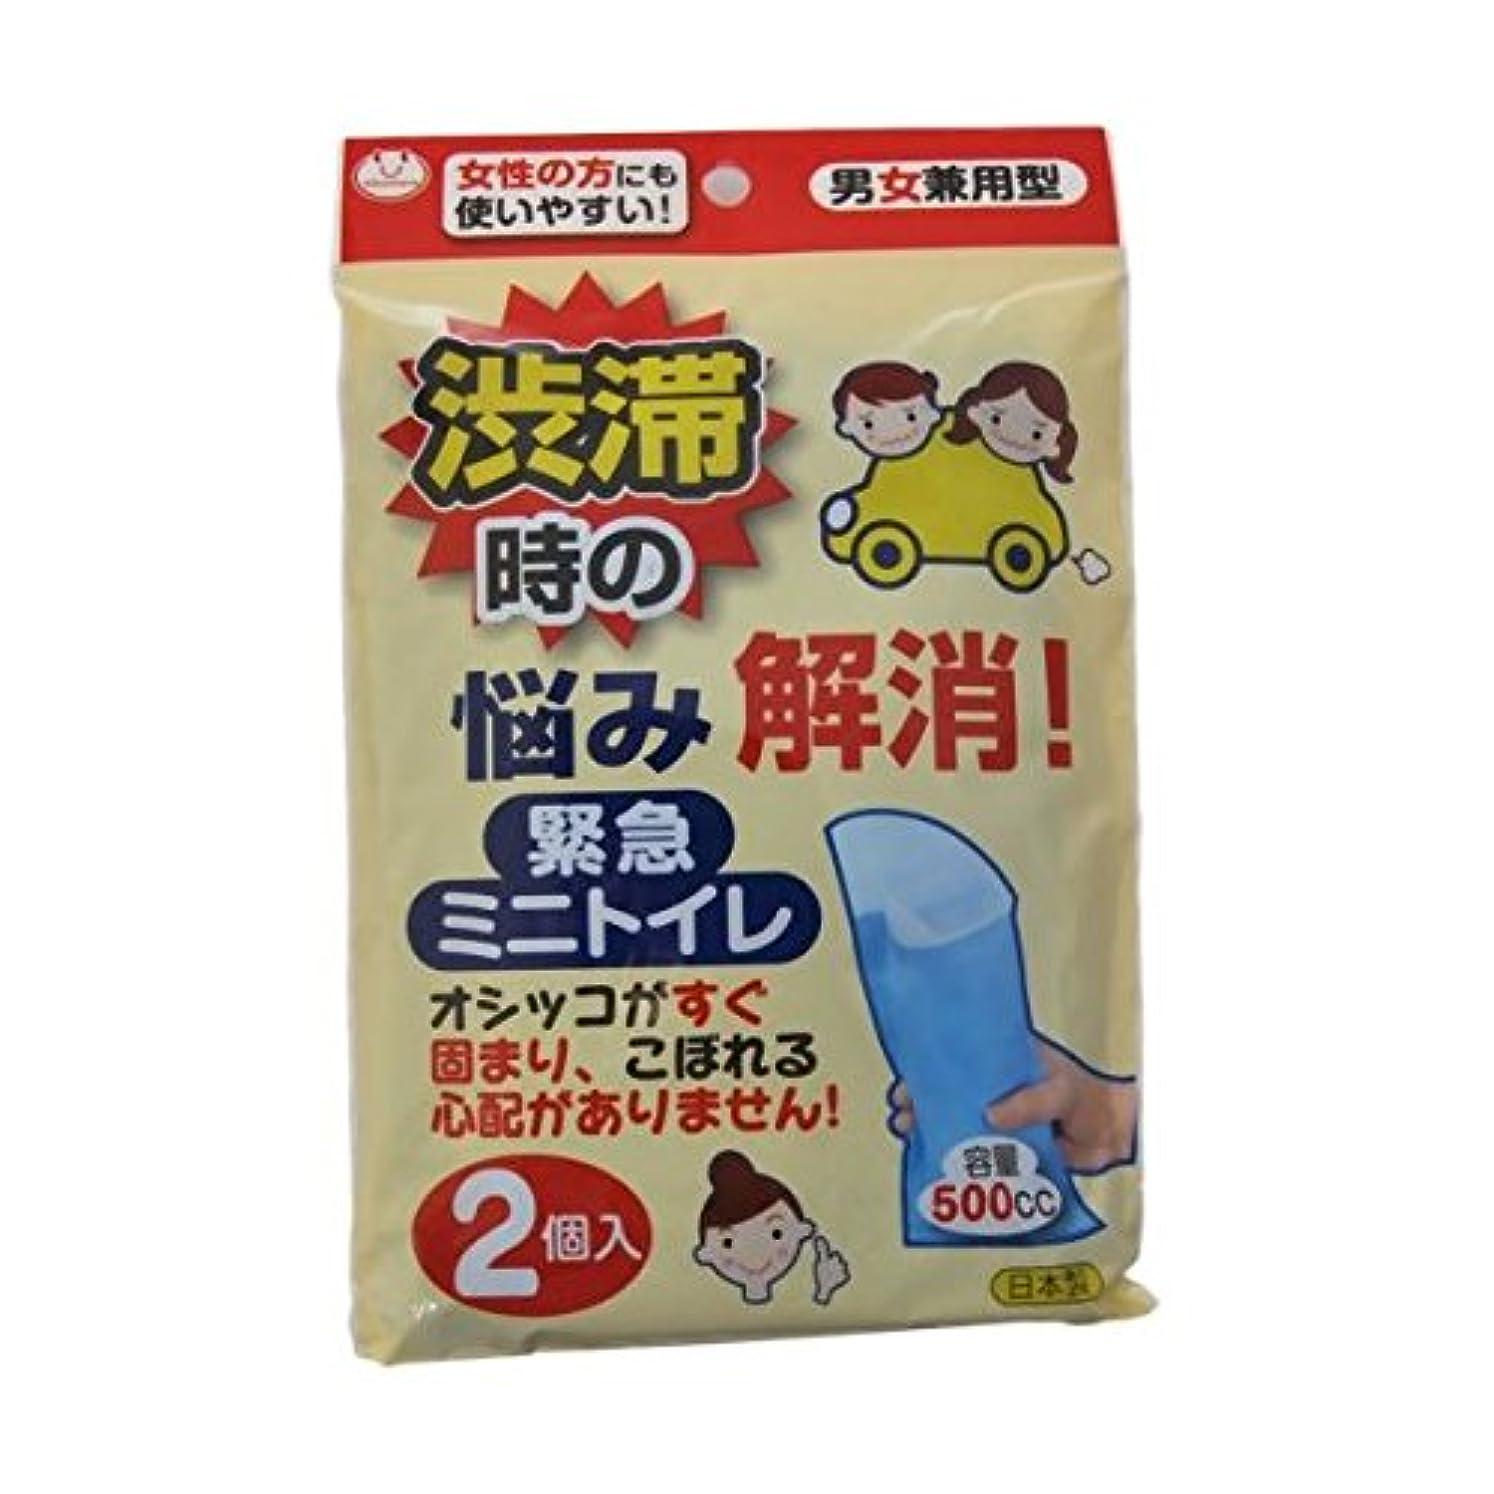 追加する困った課す【お徳用 3 セット】 緊急ミニトイレ 2個入 (男女兼用)×3セット